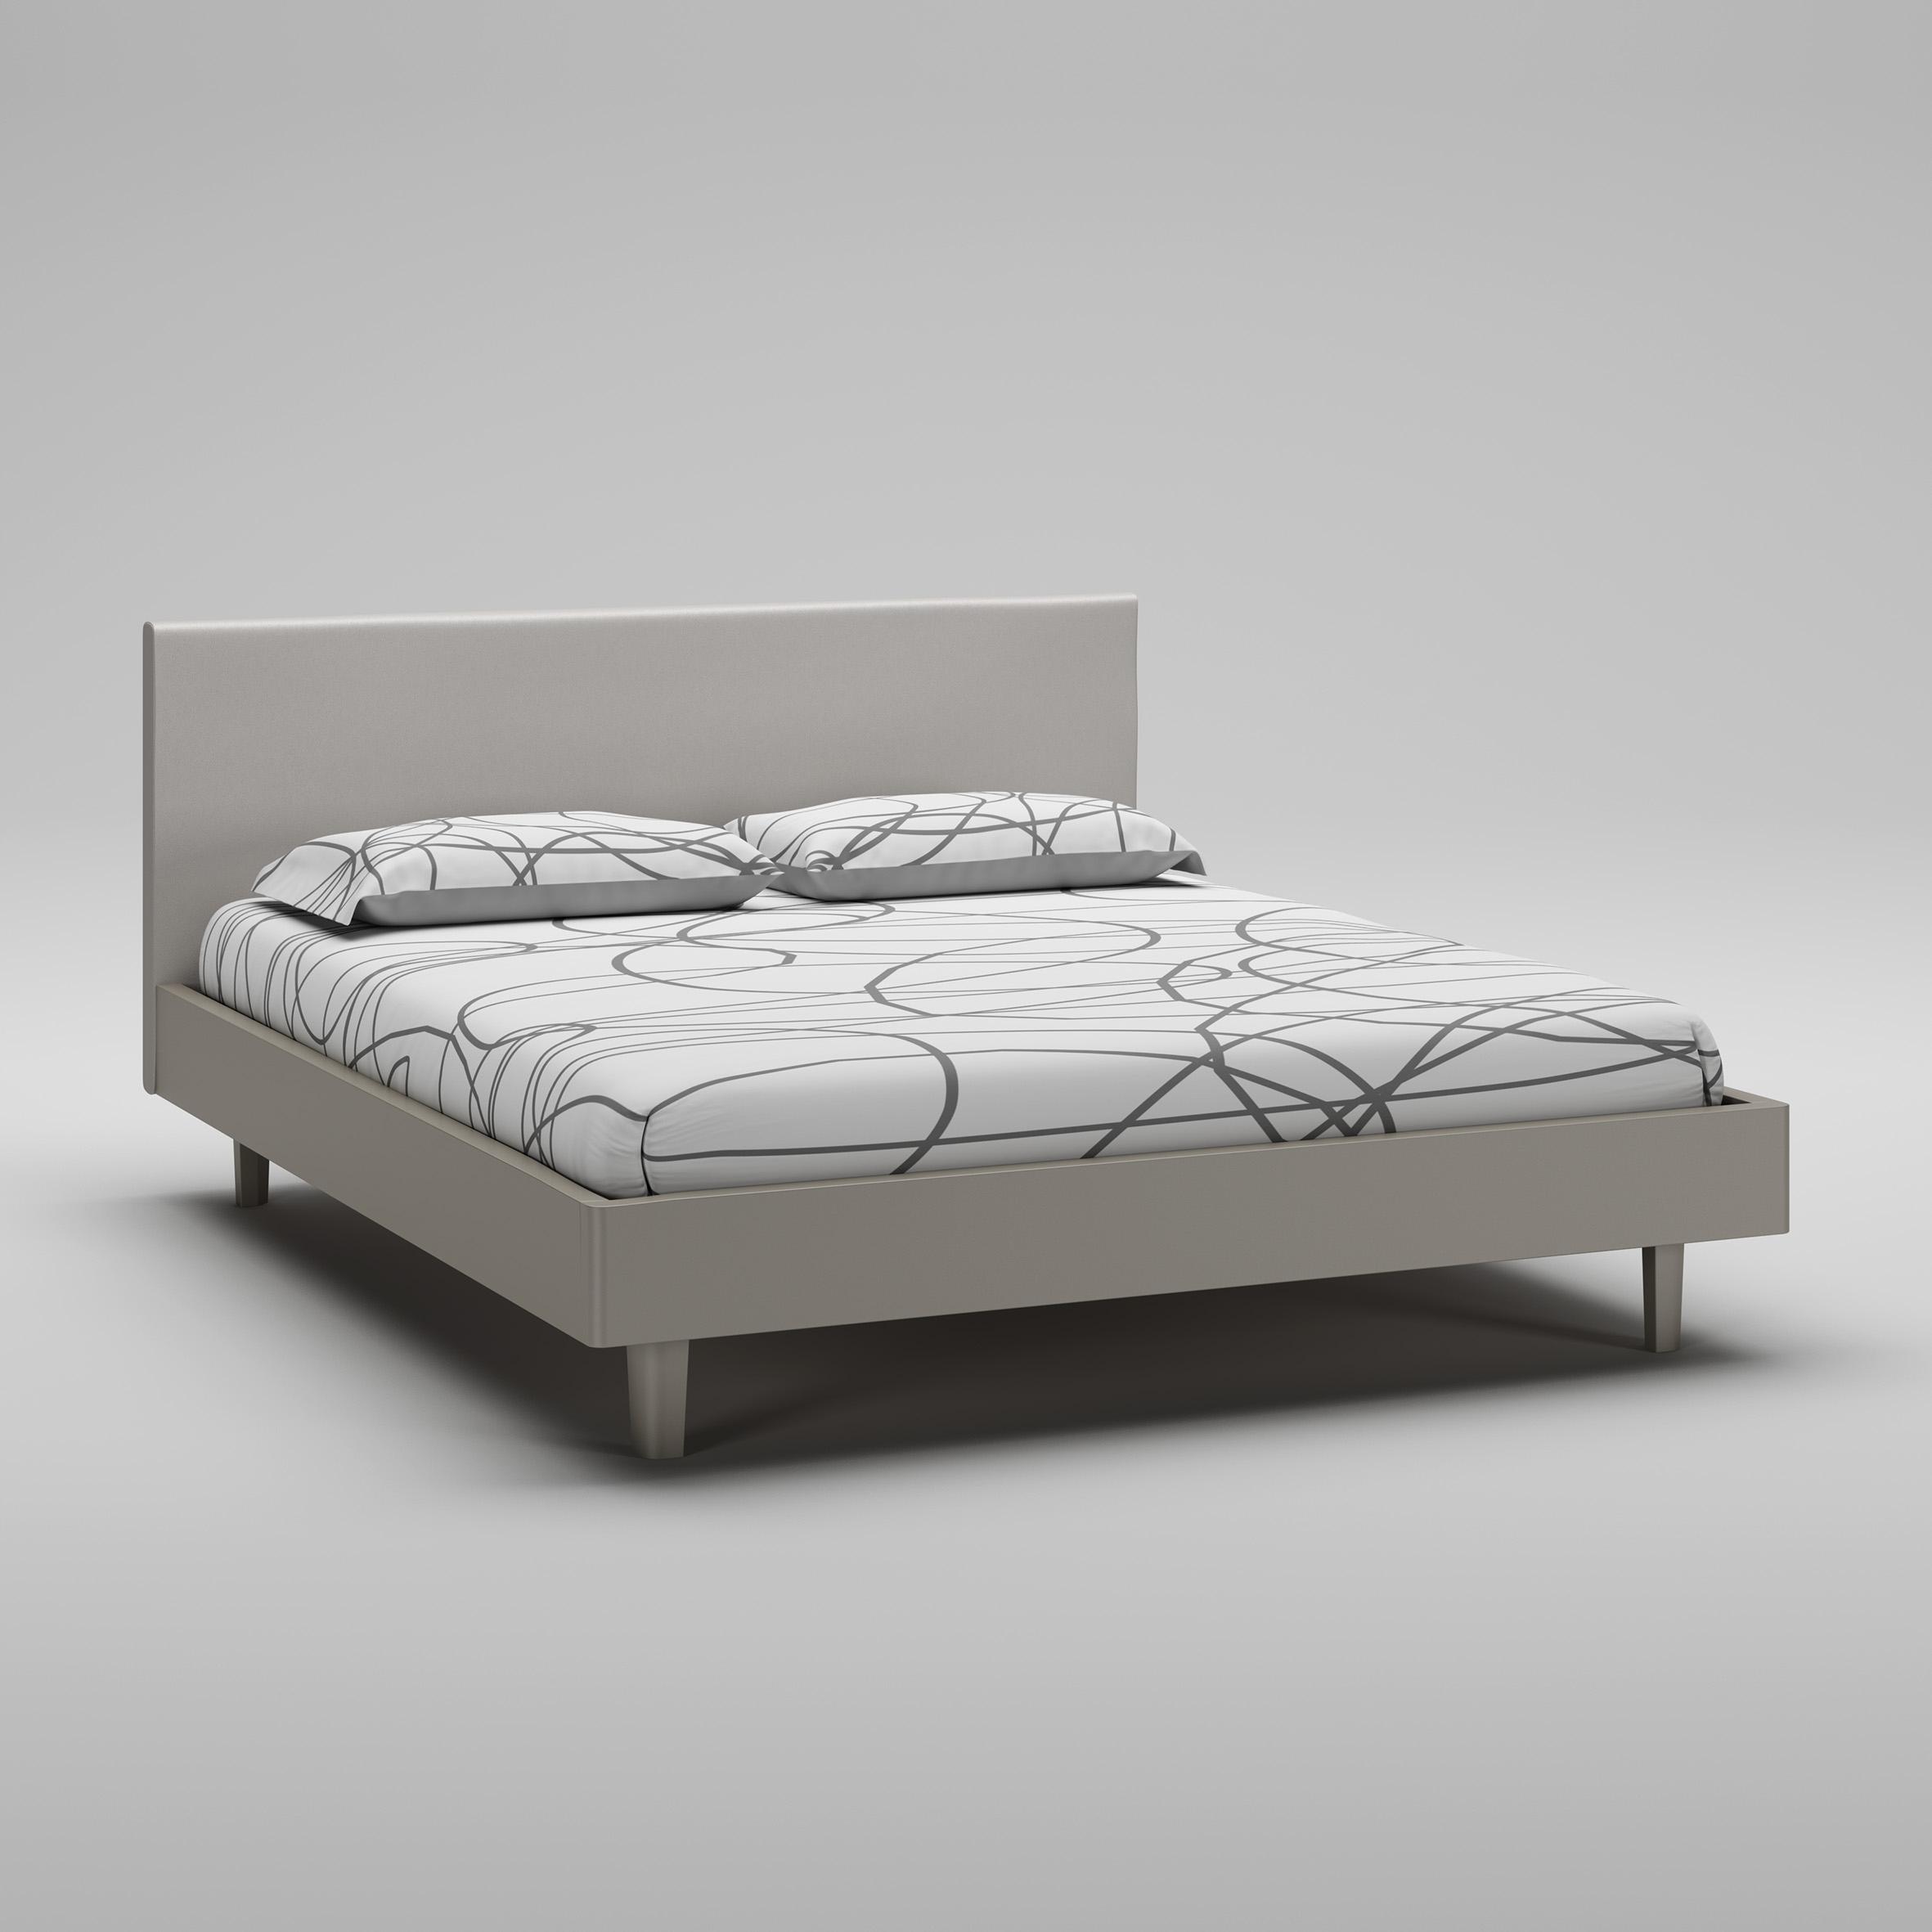 Lit adulte PERSONNALISABLE WL116 de 160 x 200 avec cadre de lit laqué mat & tête de lit rembourrée - MORETTI COMPACT